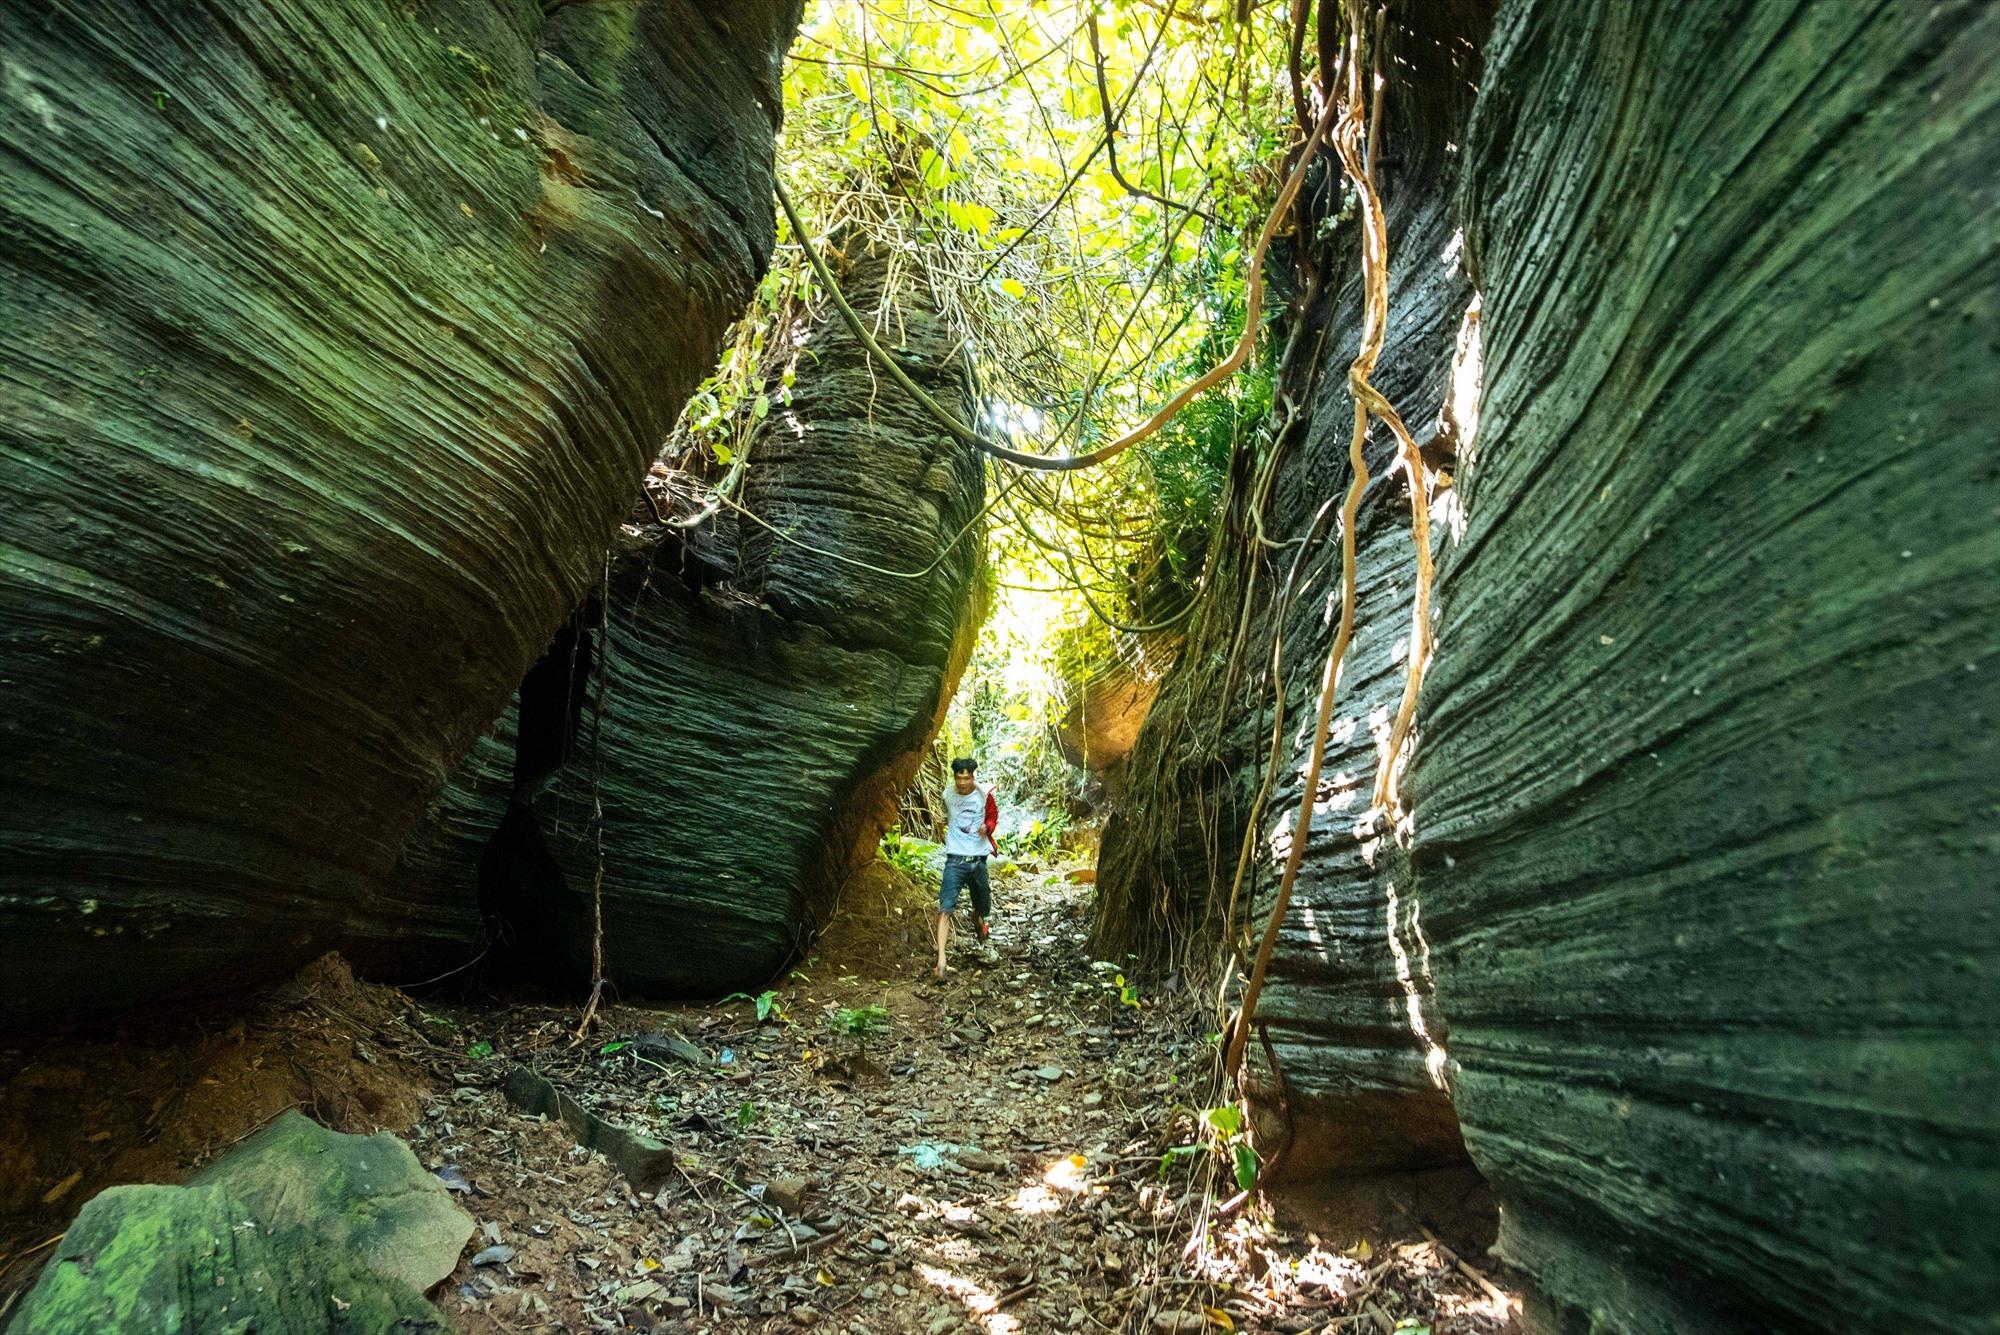 Đường vào hang vách đá dựng những hình thù và màu sắc kỳ ảo.